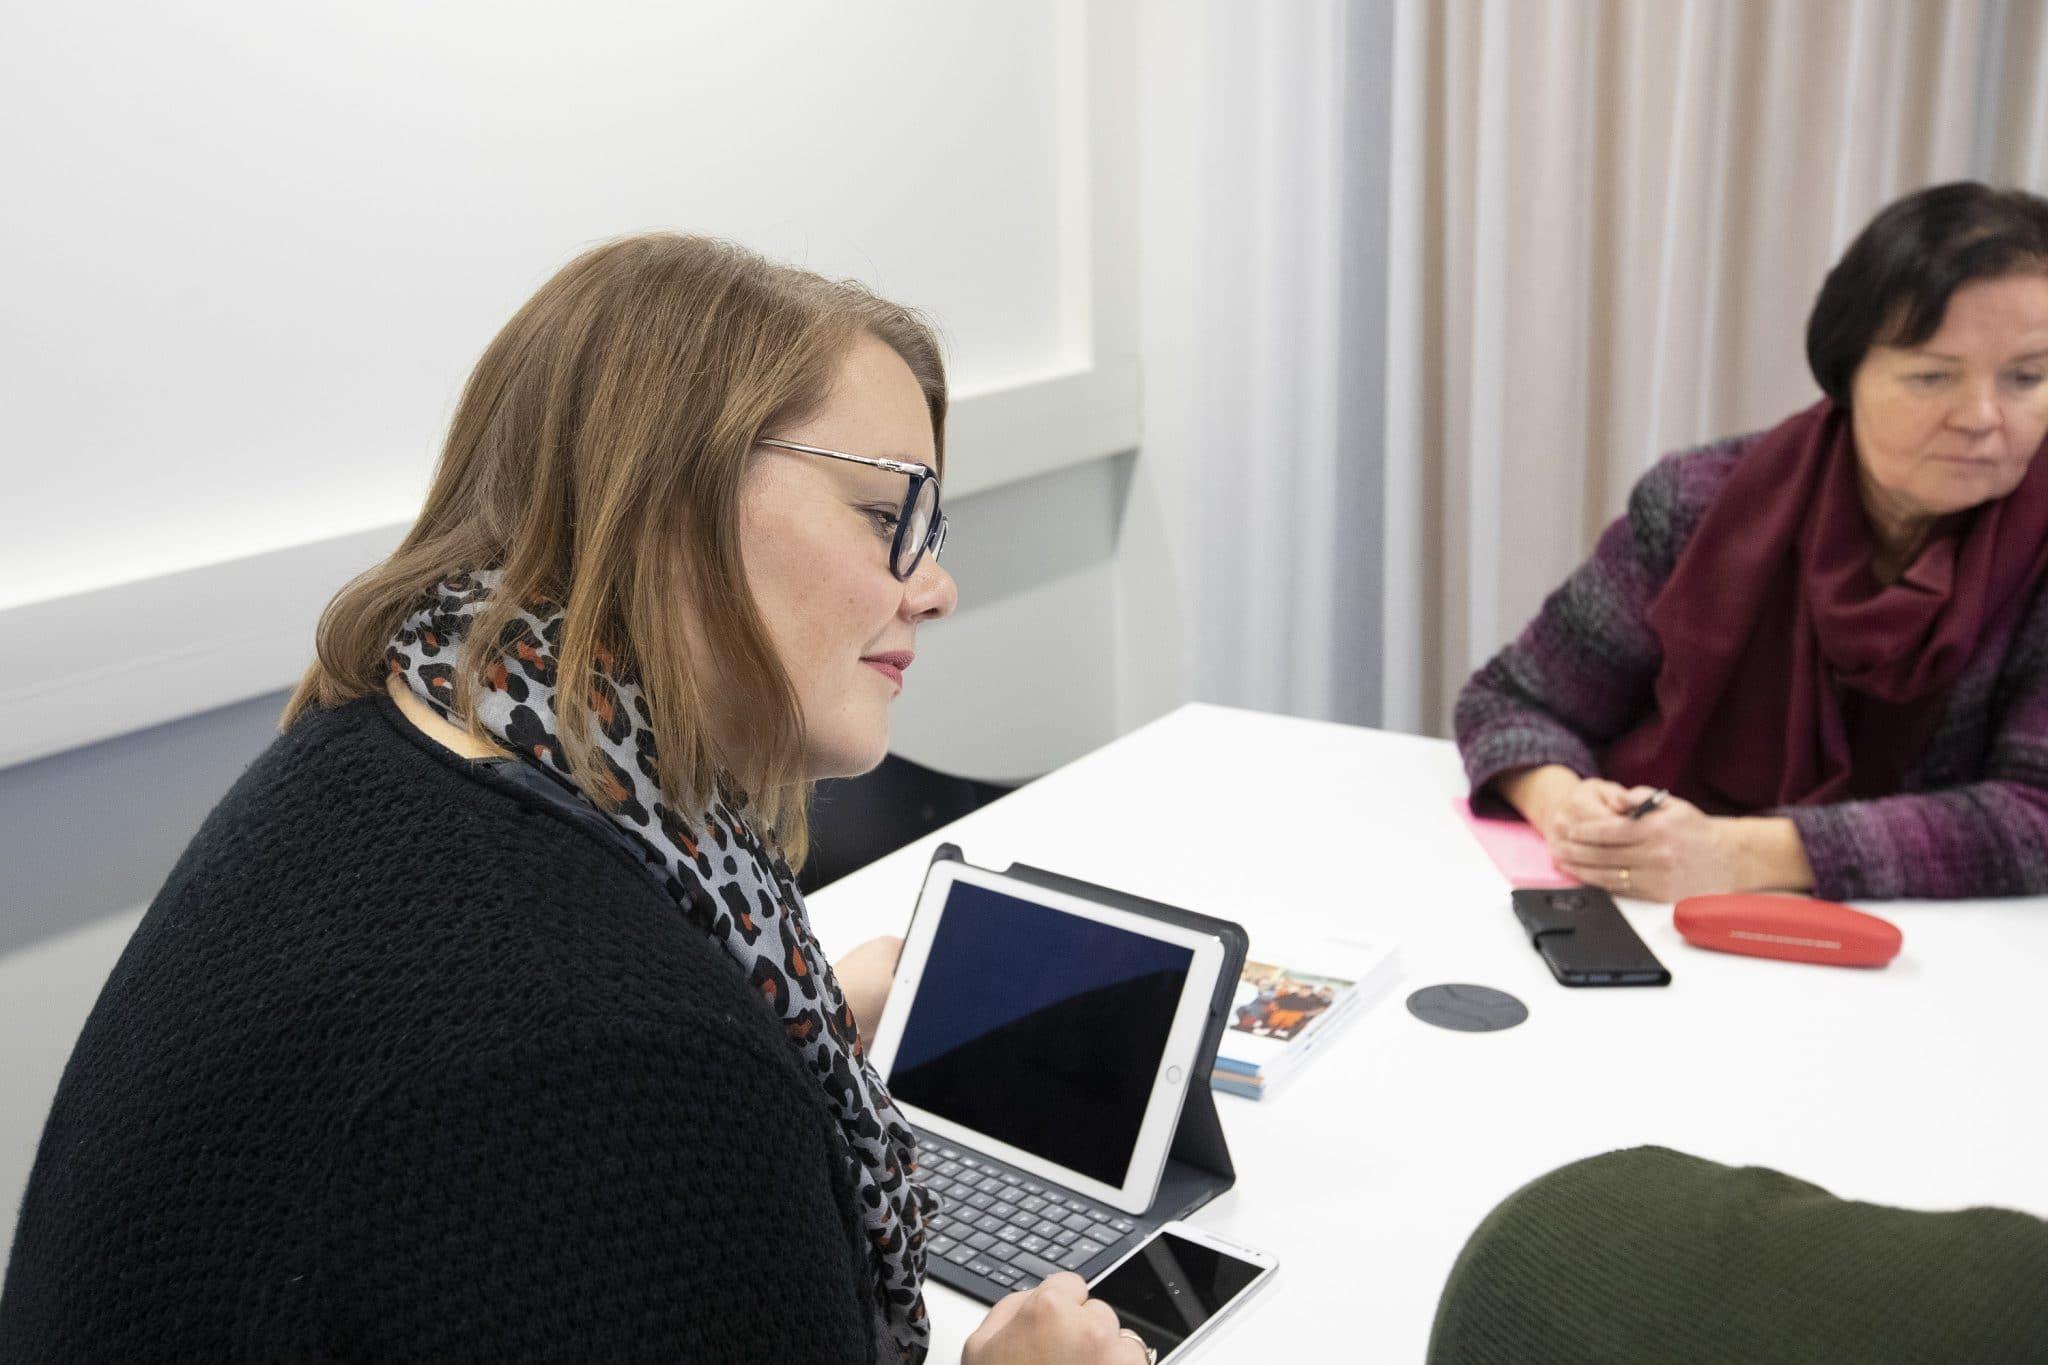 Digiope erikoistumiskoulutus - ihmisiä tietokoneen ääressä